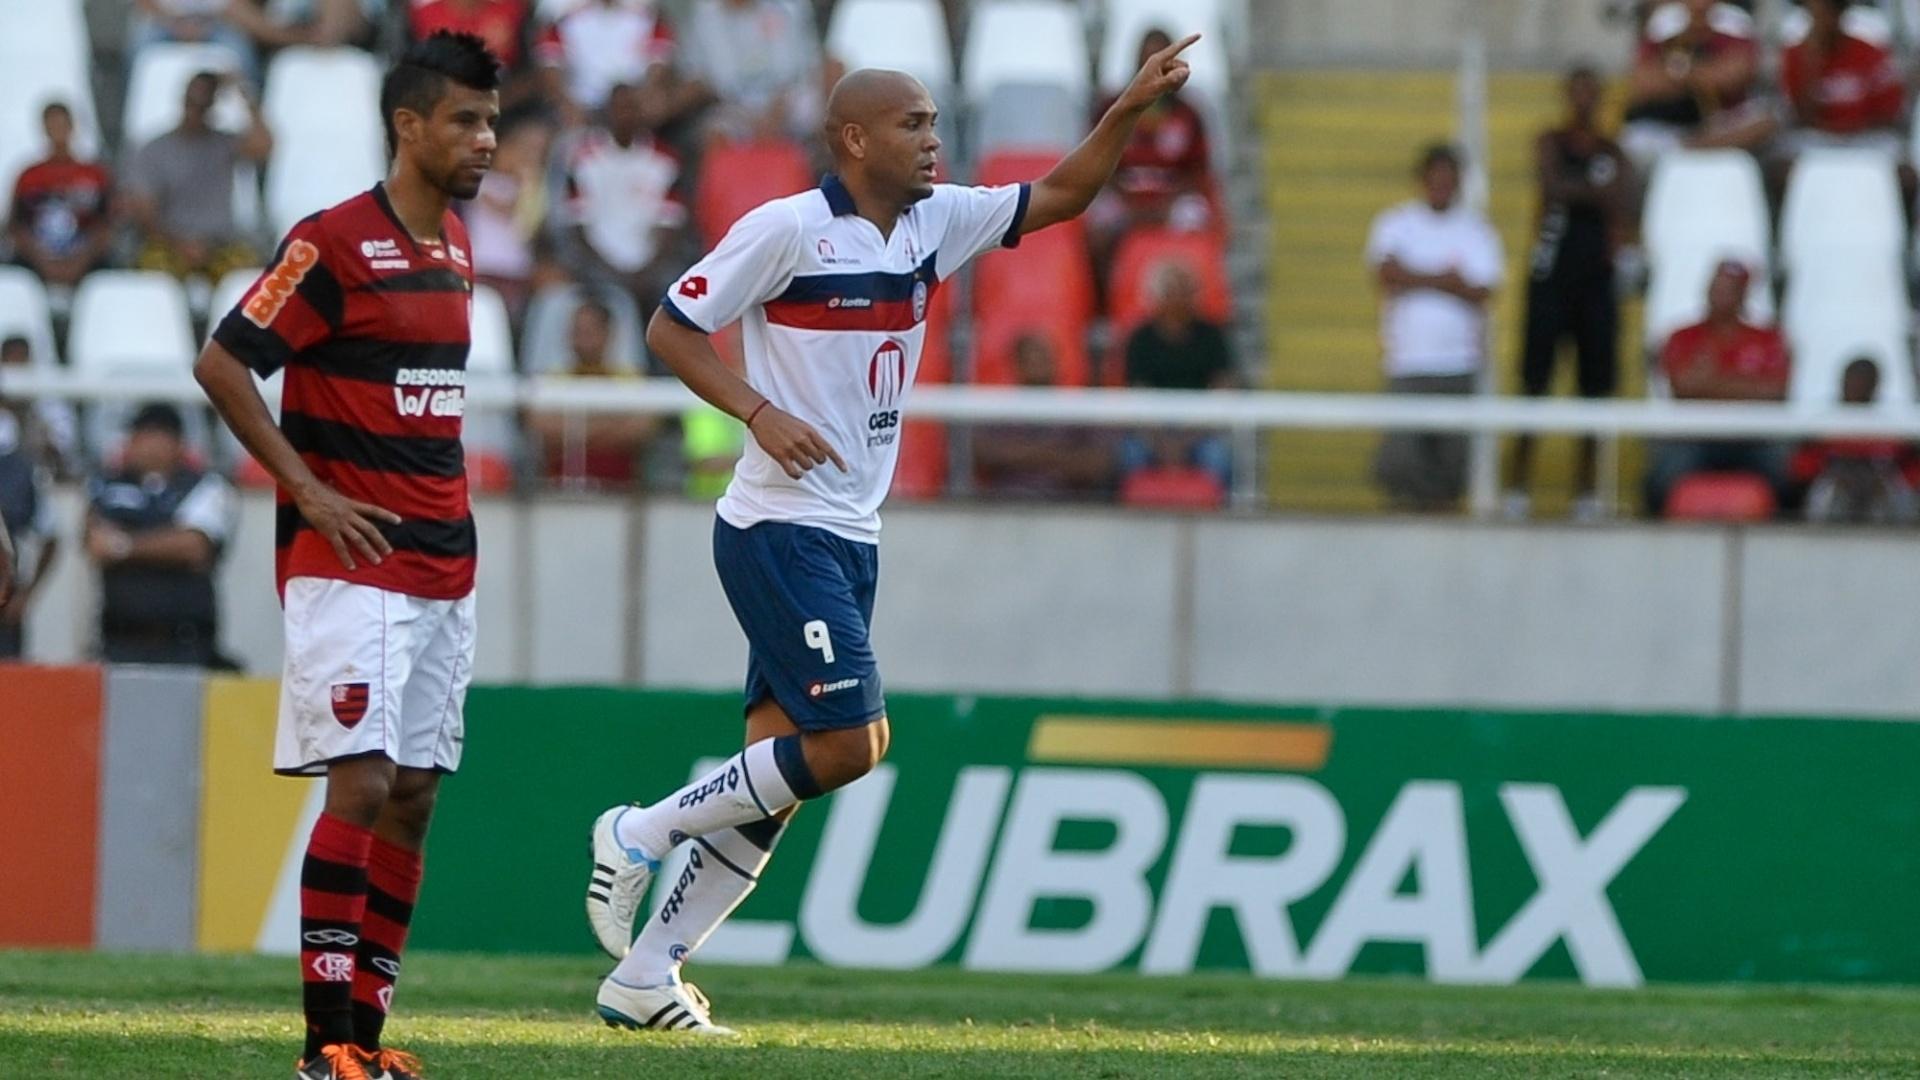 Souza comemora um dos gols do Bahia contra o Flamengo de Léo Moura, que exibe sua insatisfação